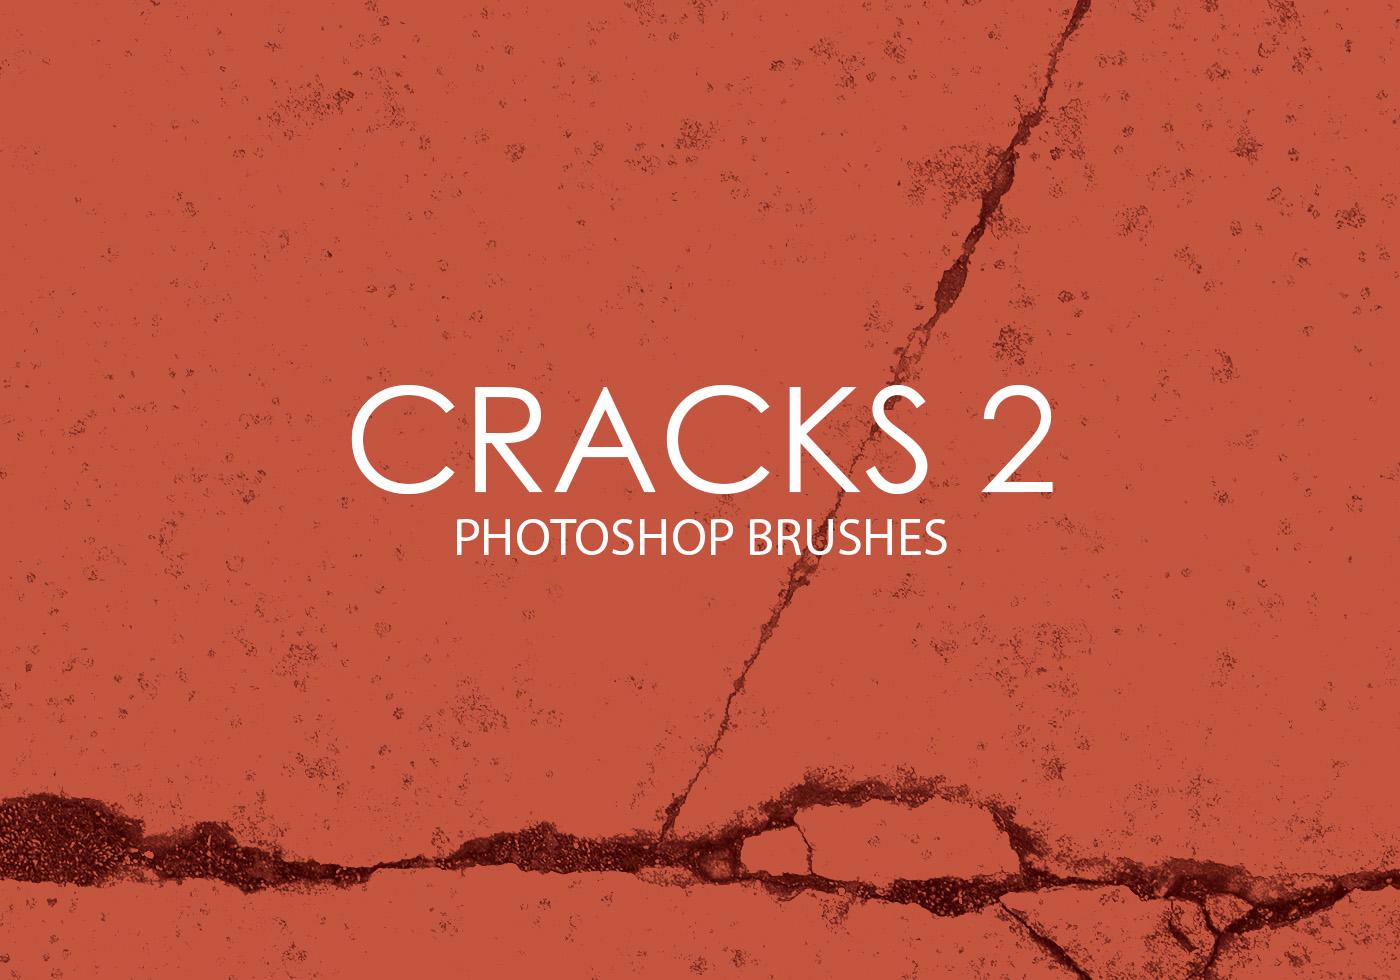 free cracks photoshop brushes 2